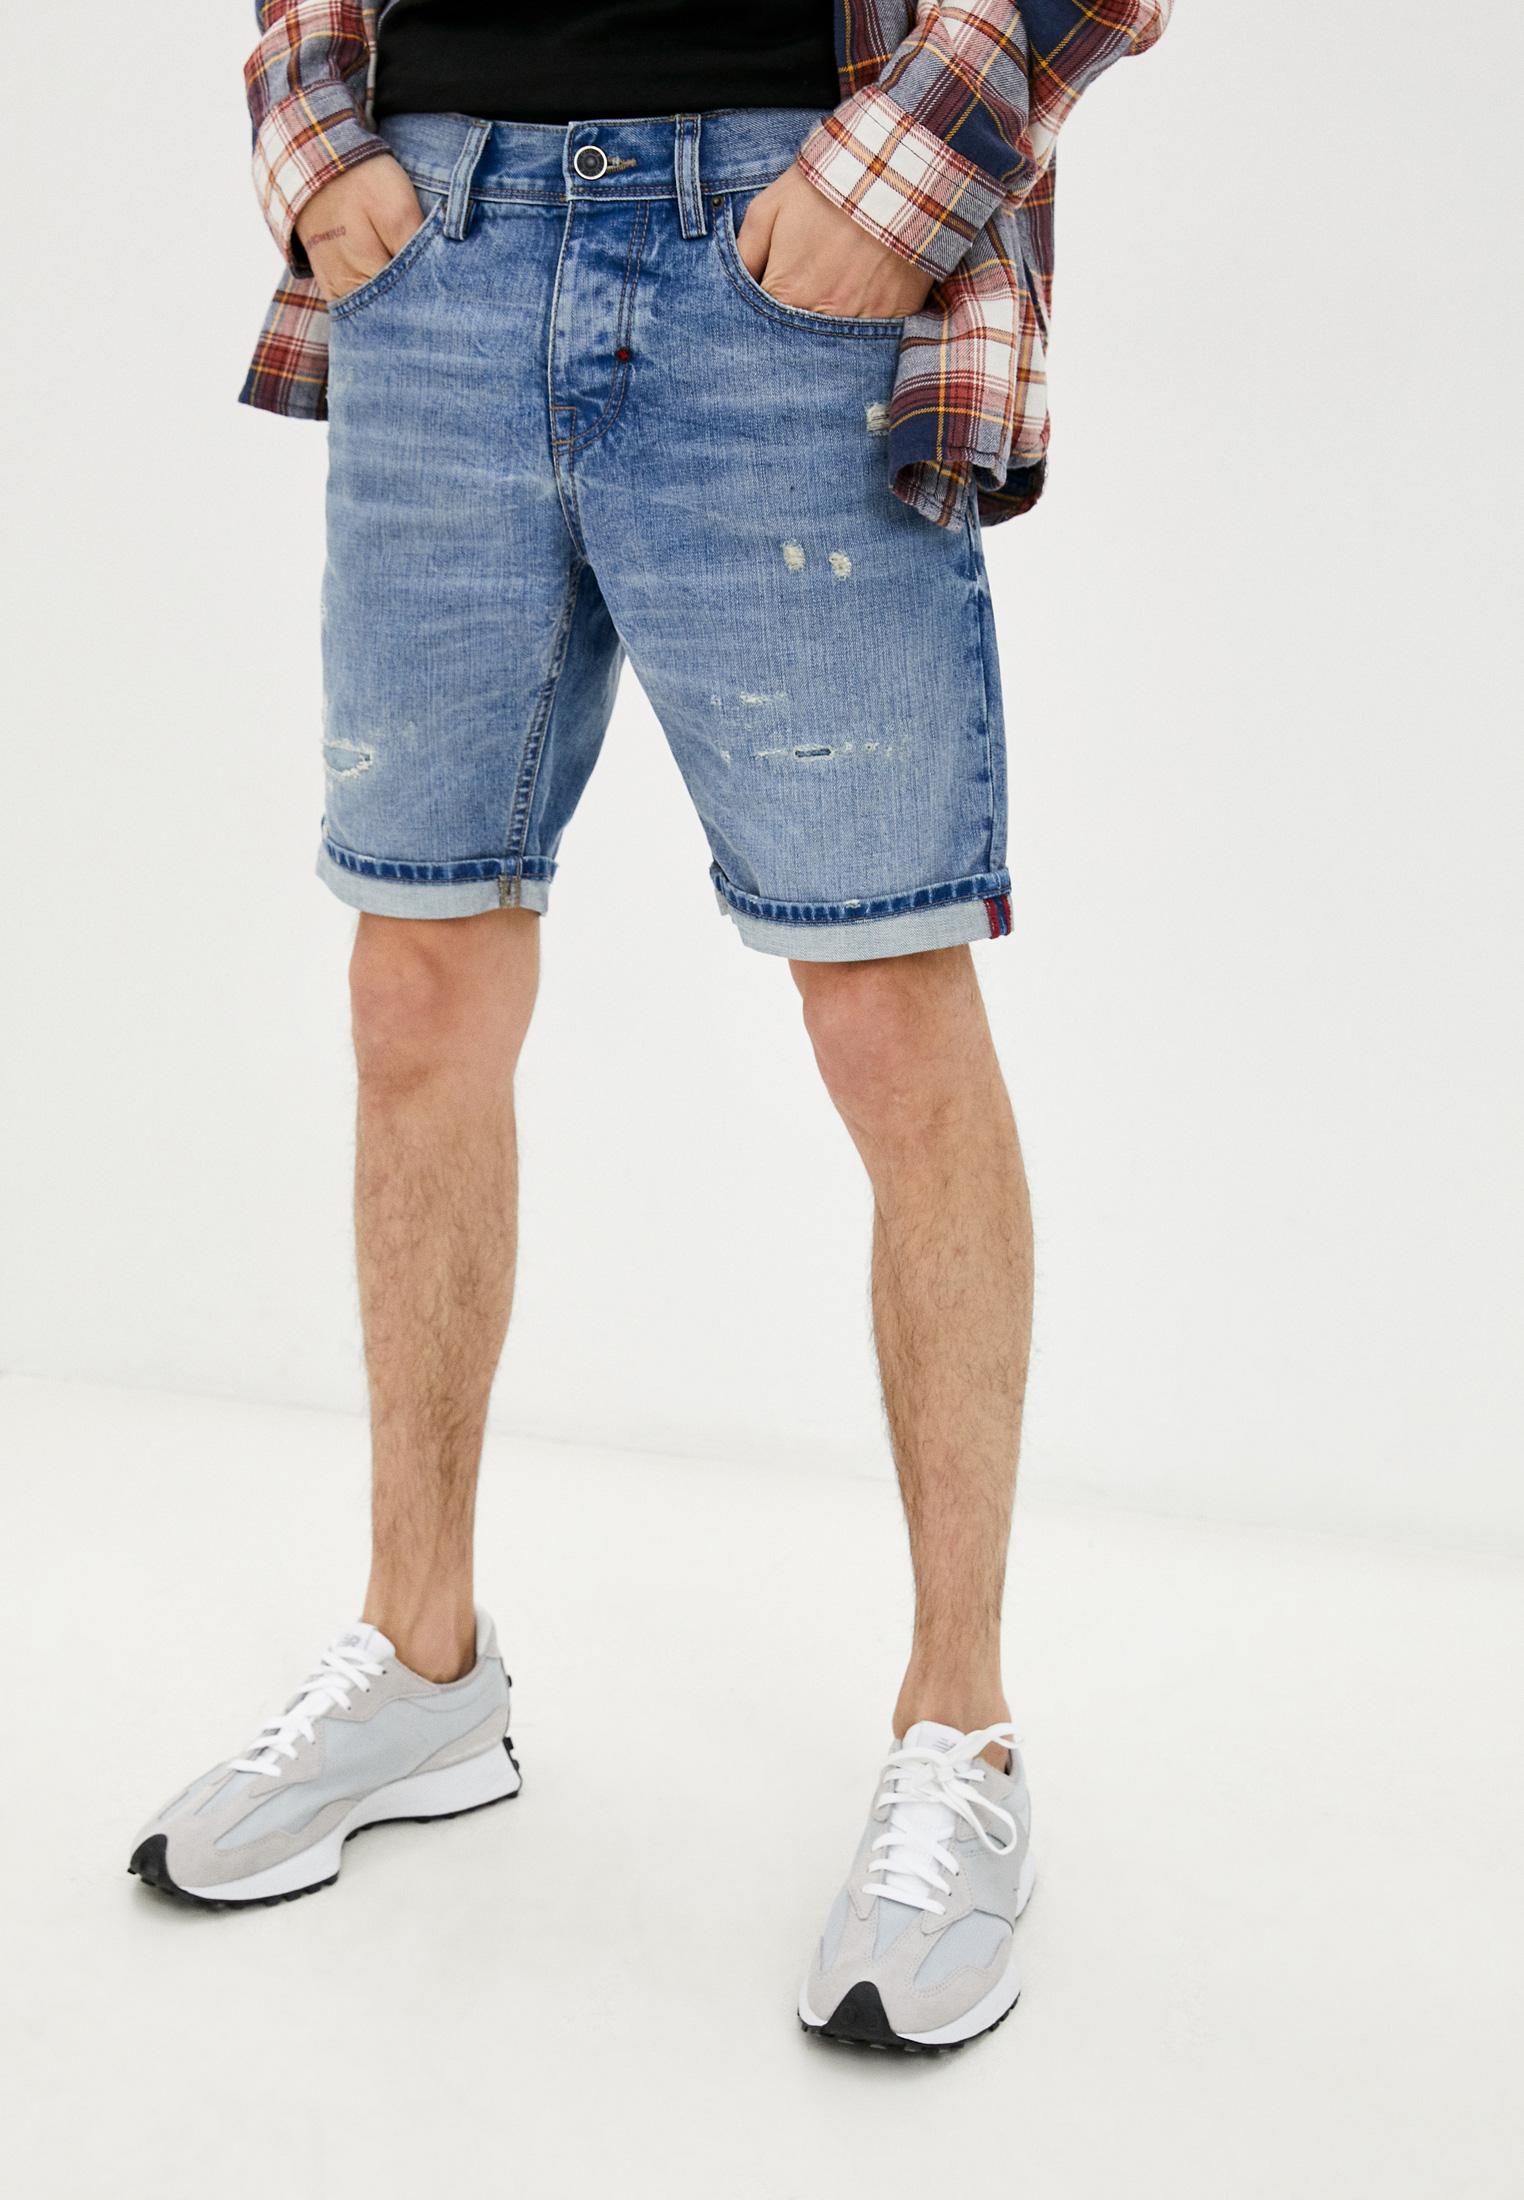 Мужские джинсовые шорты Antony Morato Шорты джинсовые Antony Morato